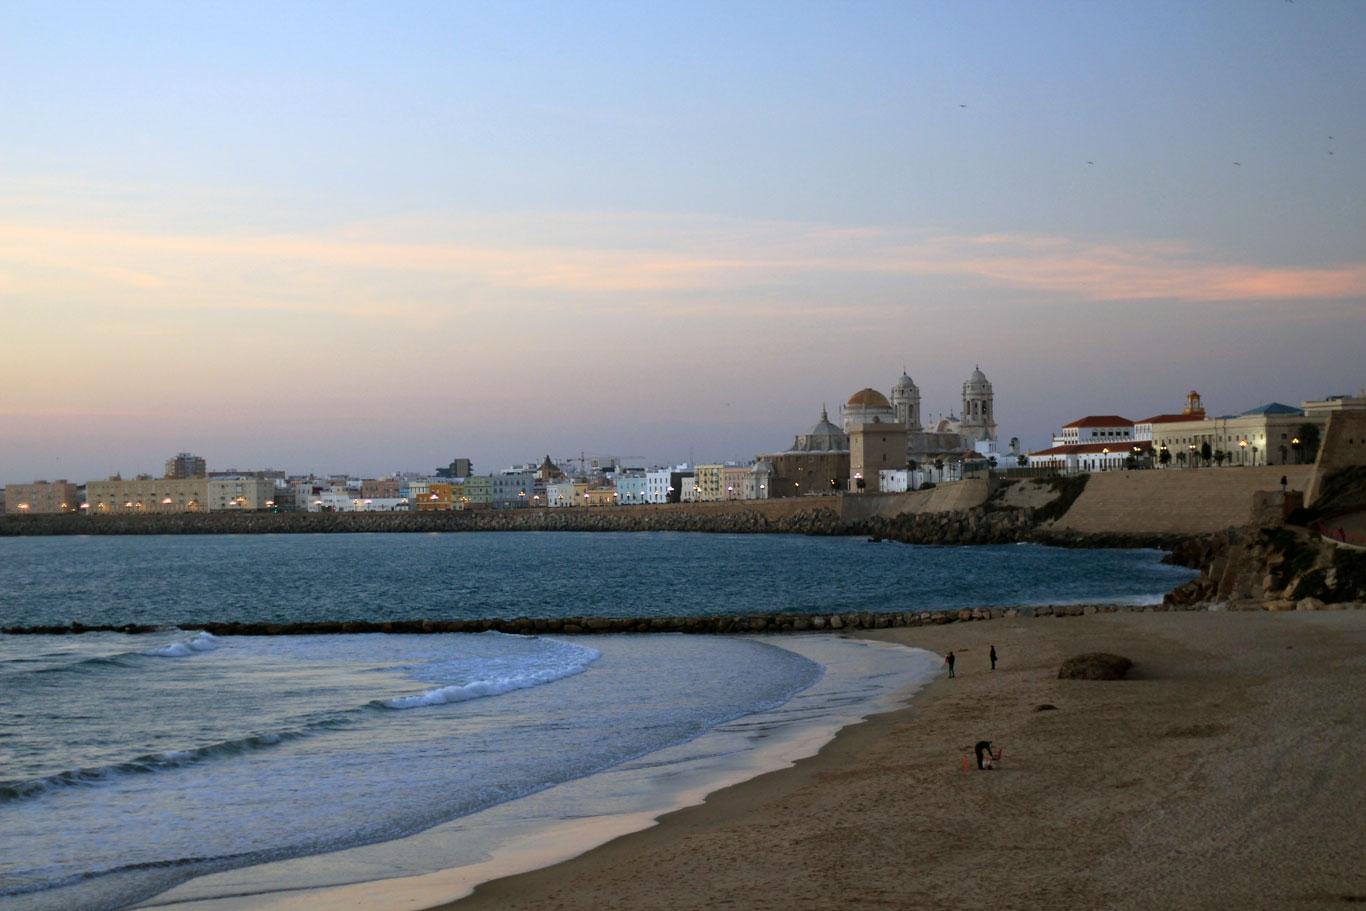 Пляж Вікторії у м. Кадіс. Зображення до уроку